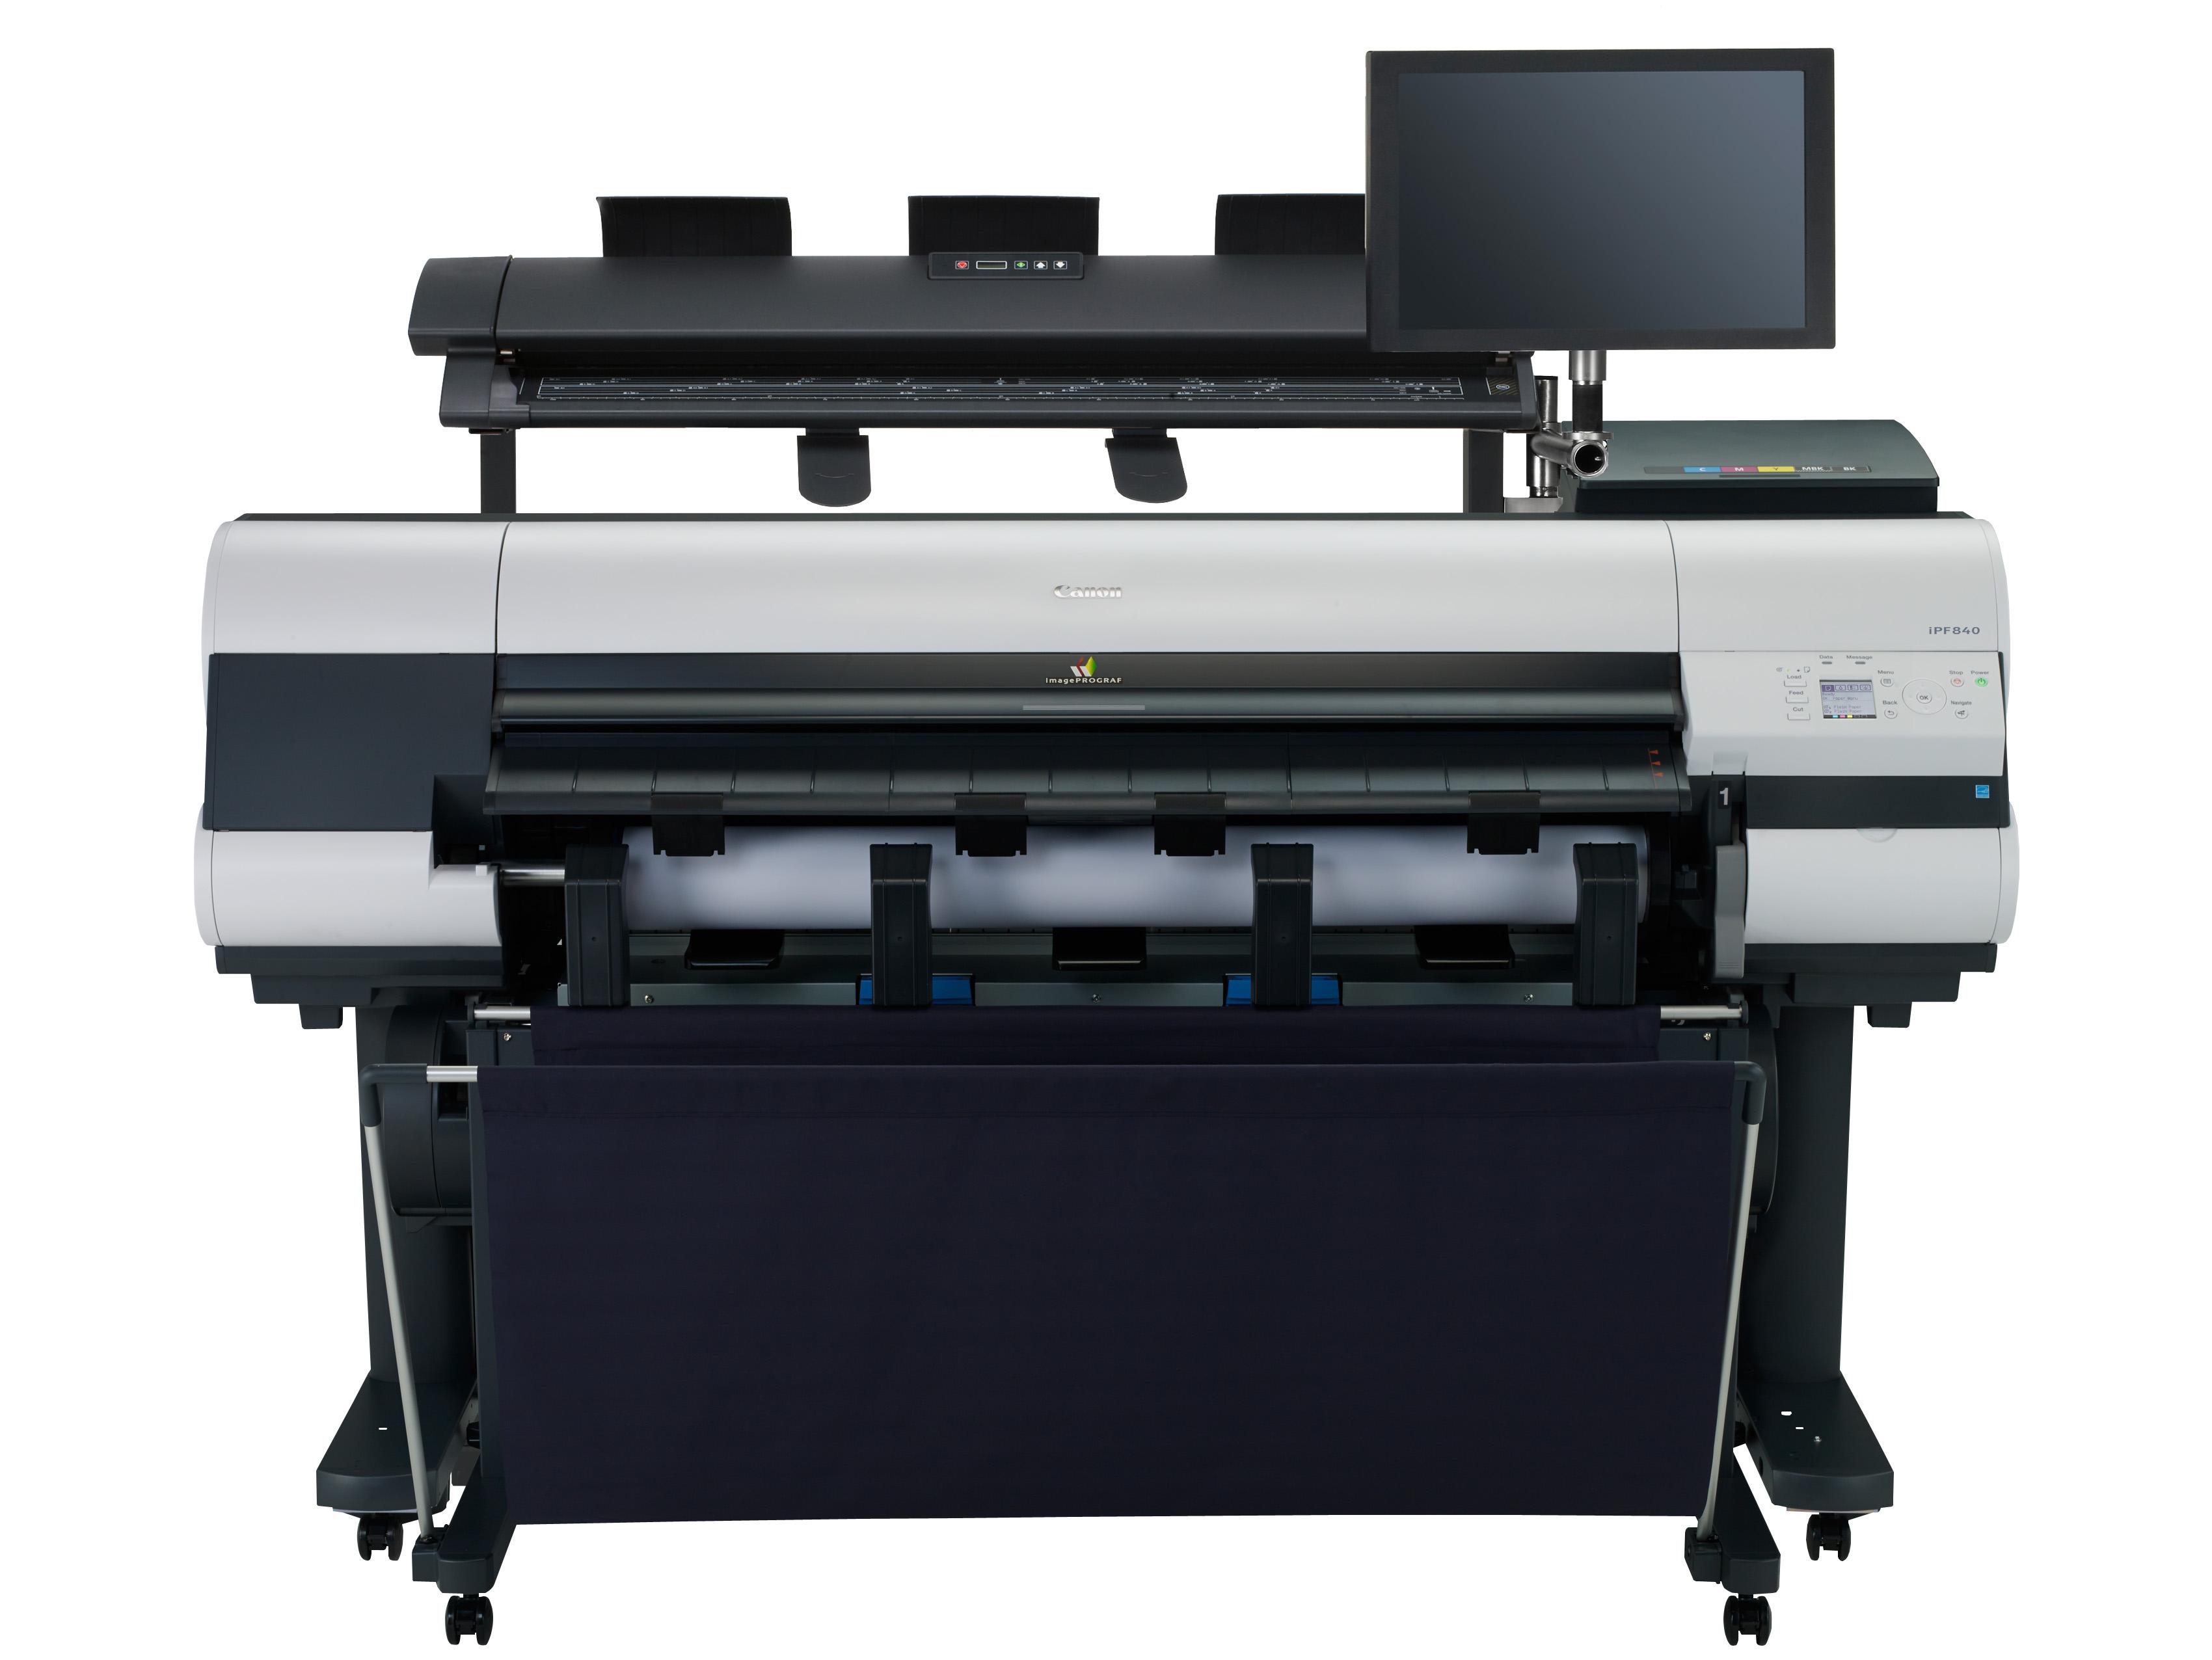 CANON - ImagePrograf Multifuncionales - Impresoras Multifuncionales de Gran Formato / Plotters